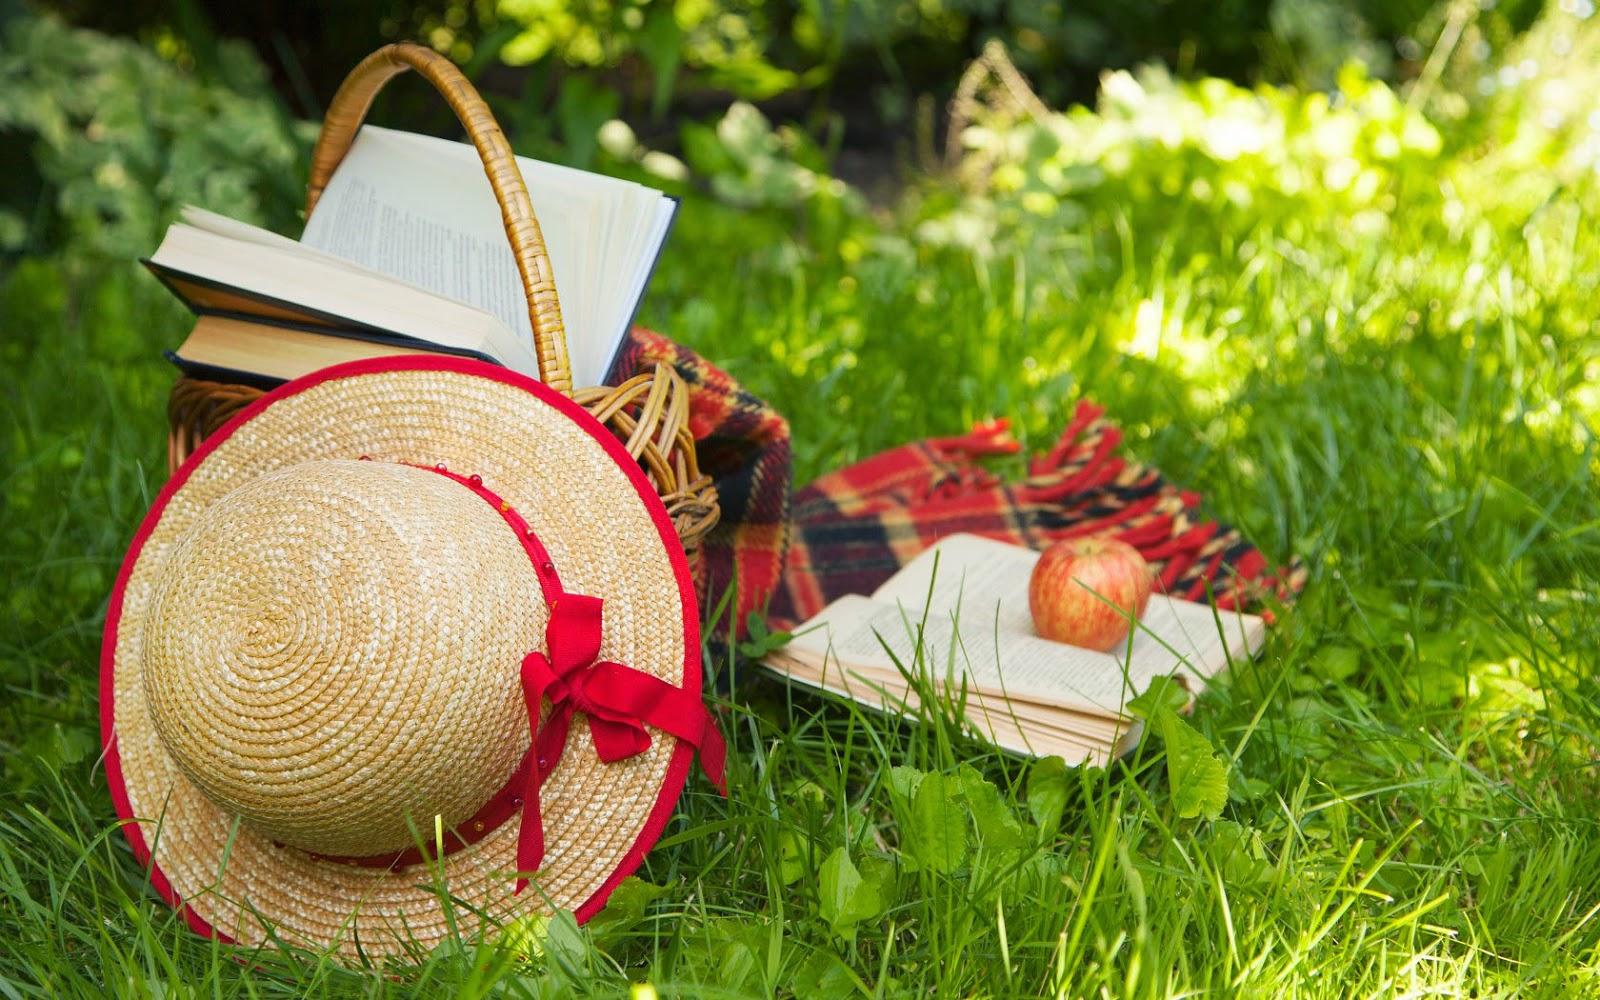 Picknick ophet gras met een kleed, hoed en boeken